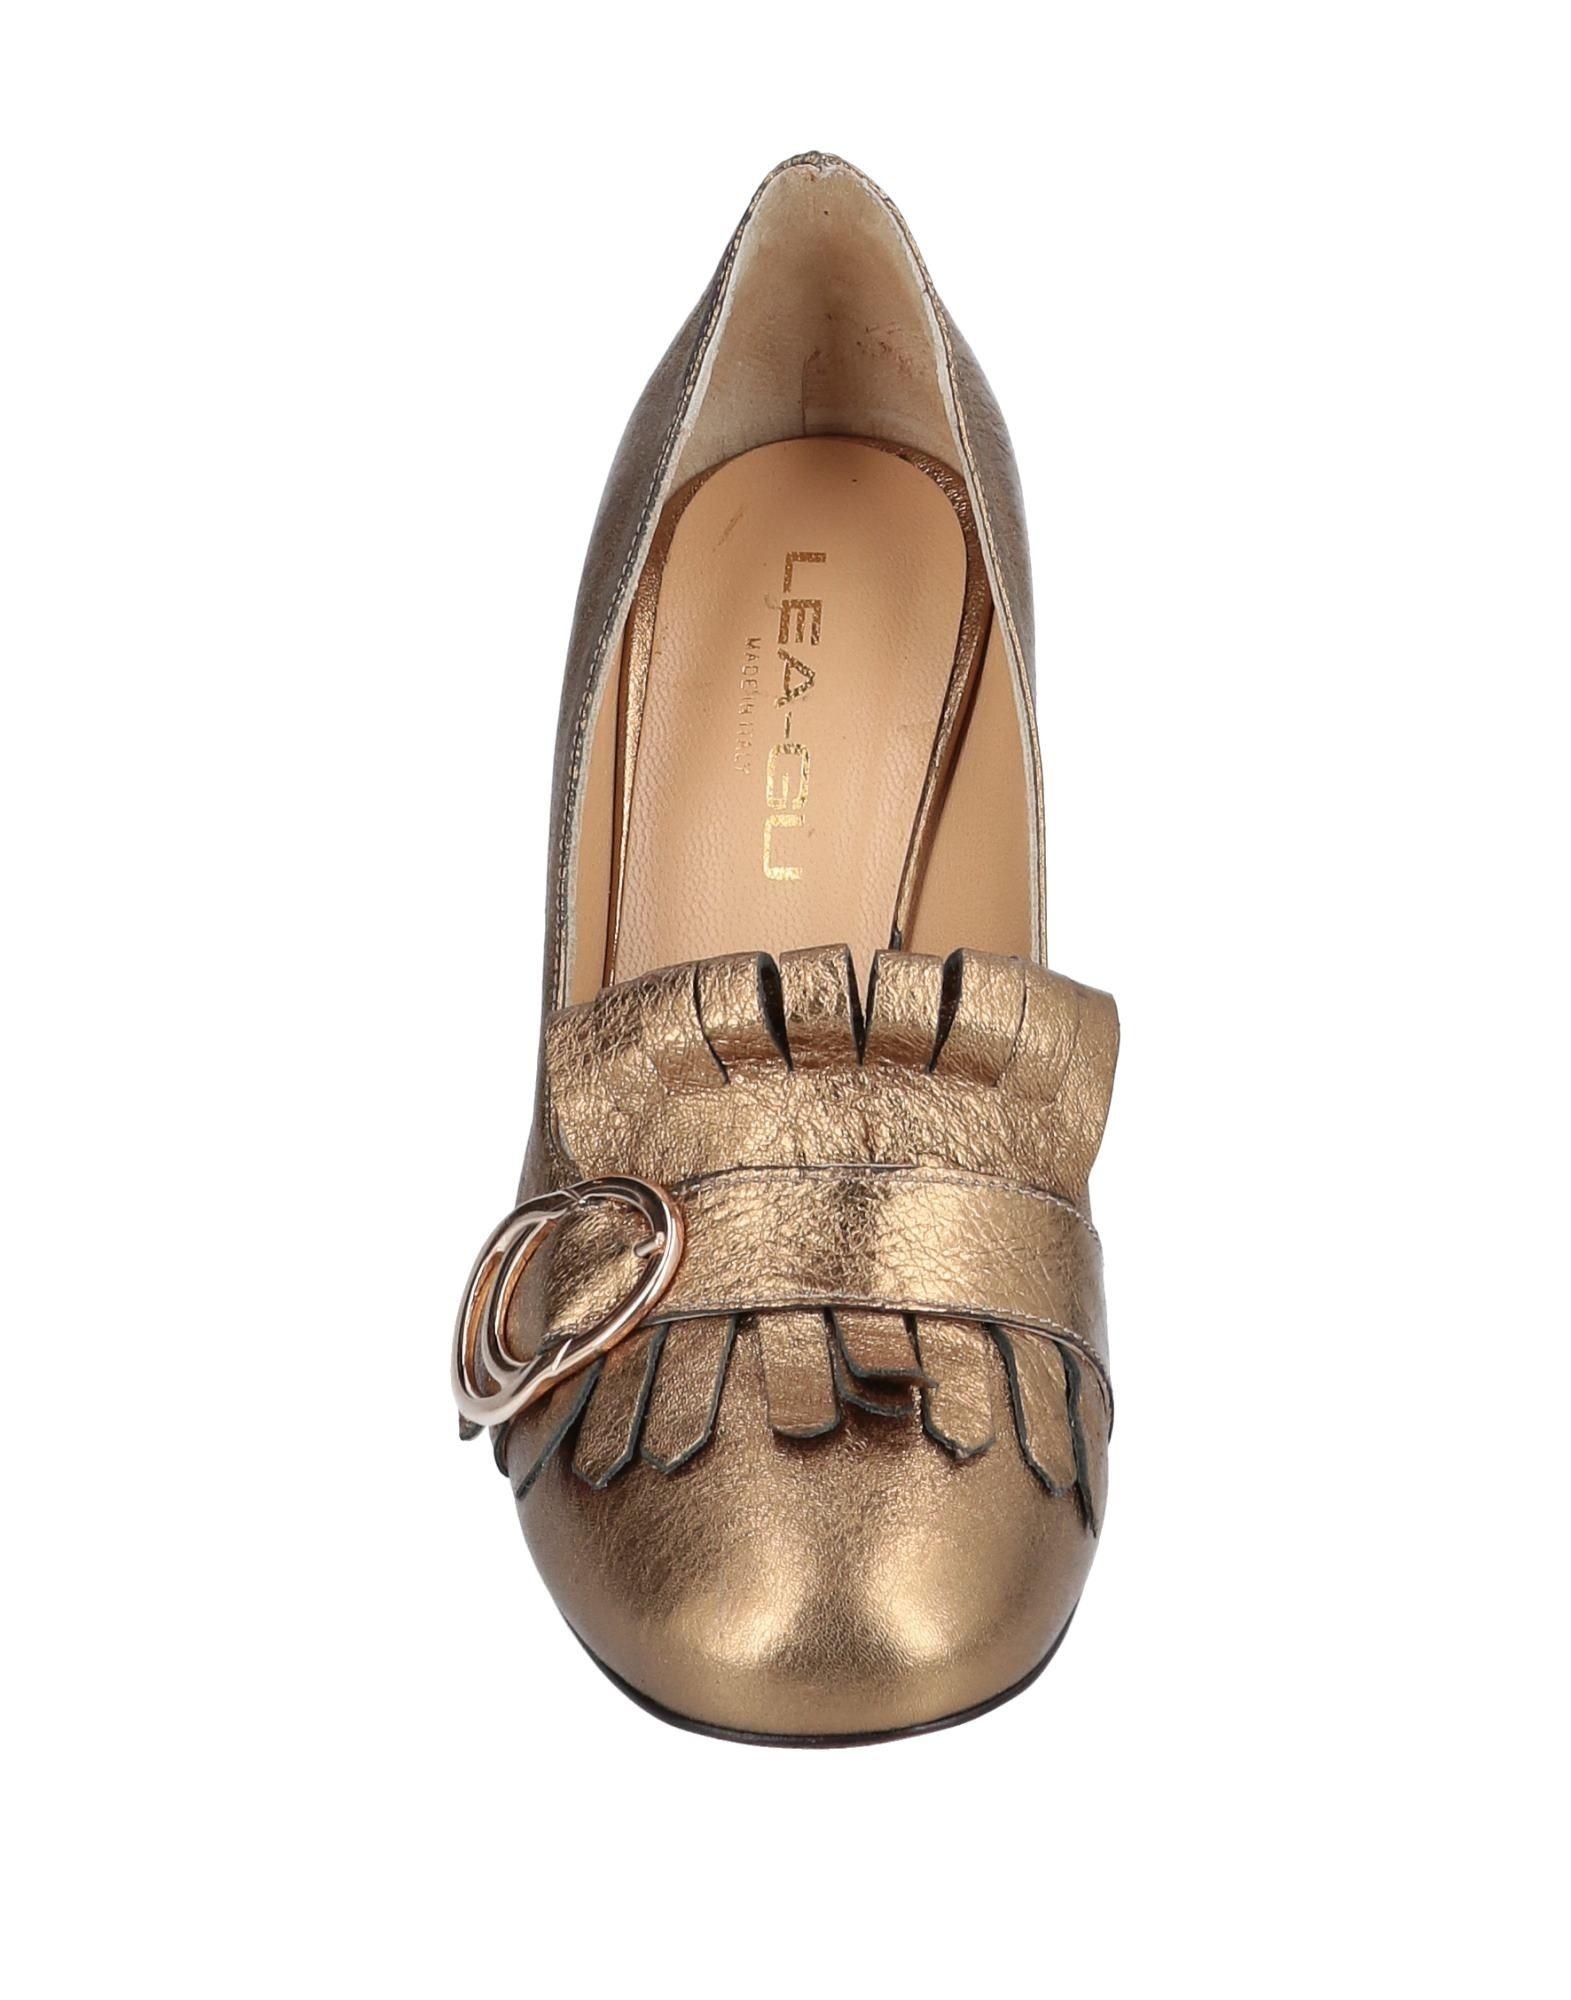 Lea 11371228RG 11371228RG Lea Gute Qualität beliebte Schuhe b02fc0